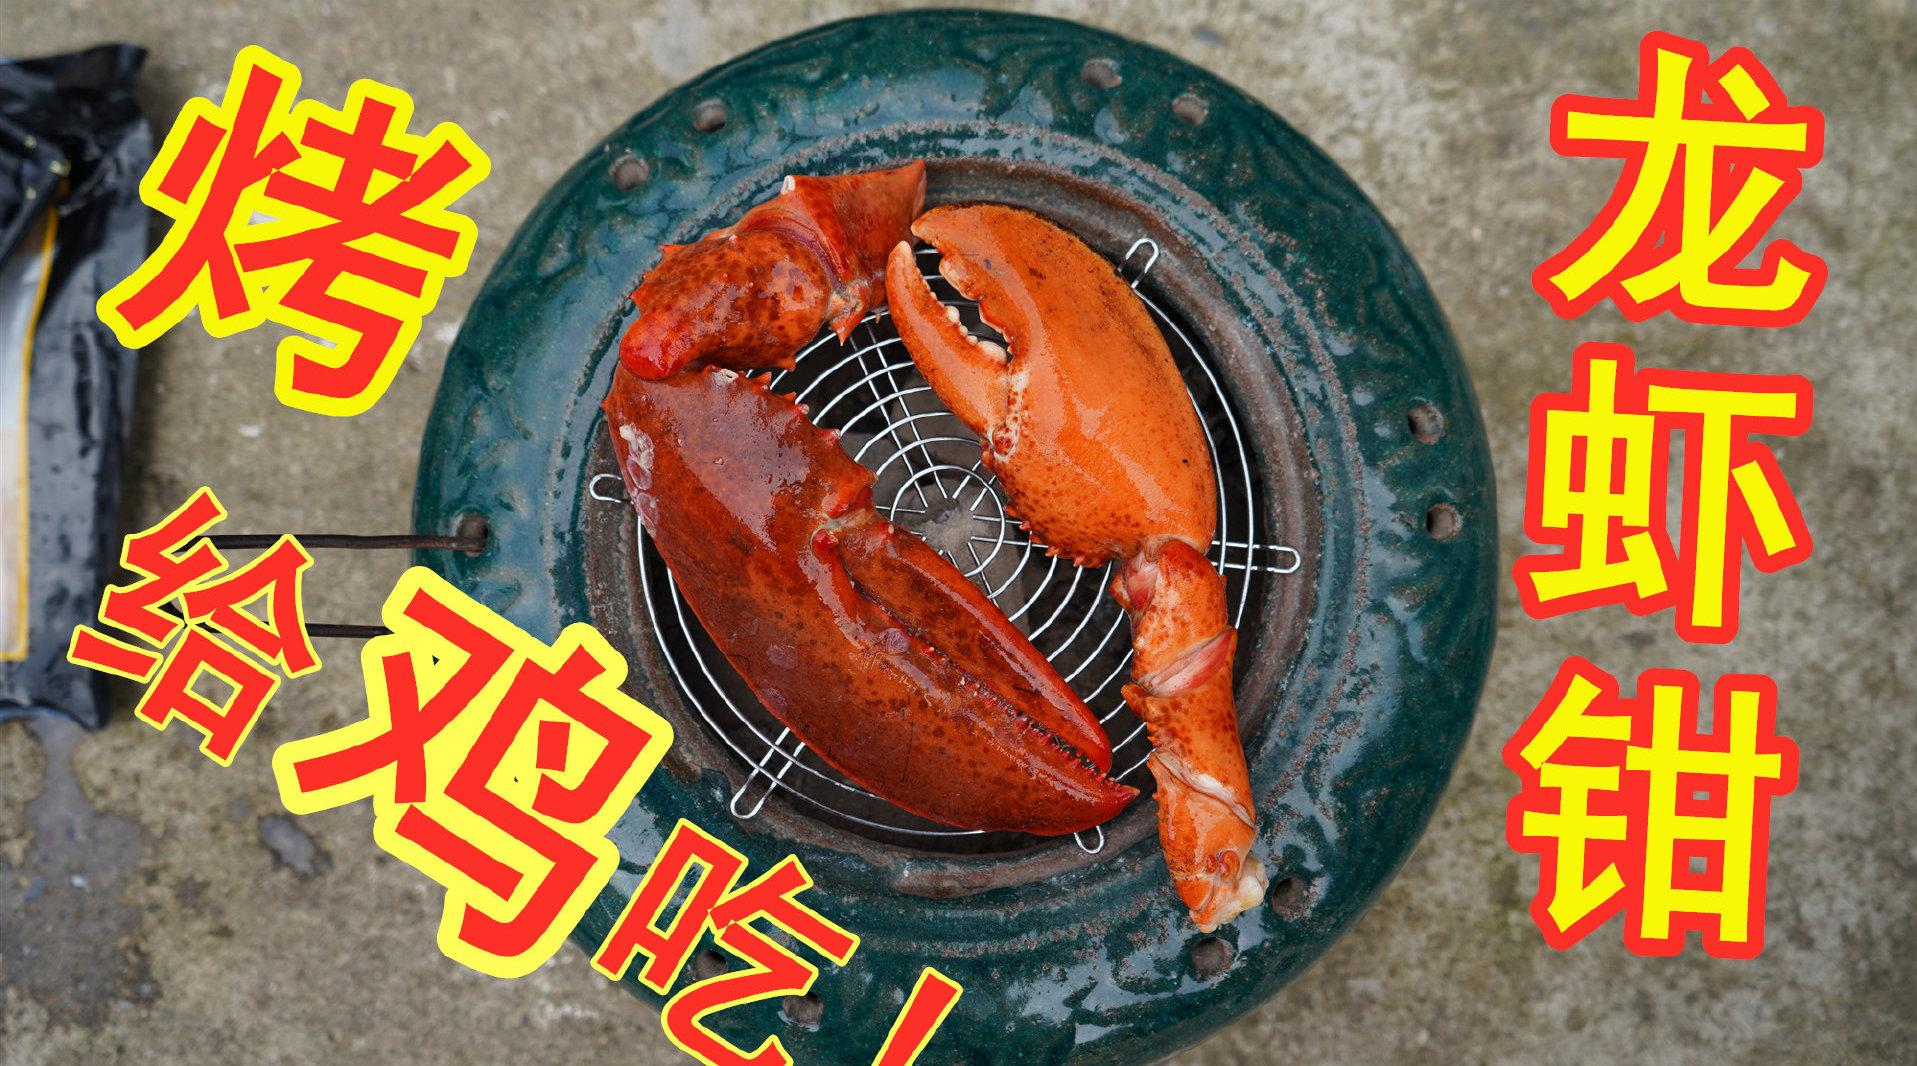 拆箱试吃巨型龙虾钳,用古董烤火炉烤着吃,老妈:吃着像面包